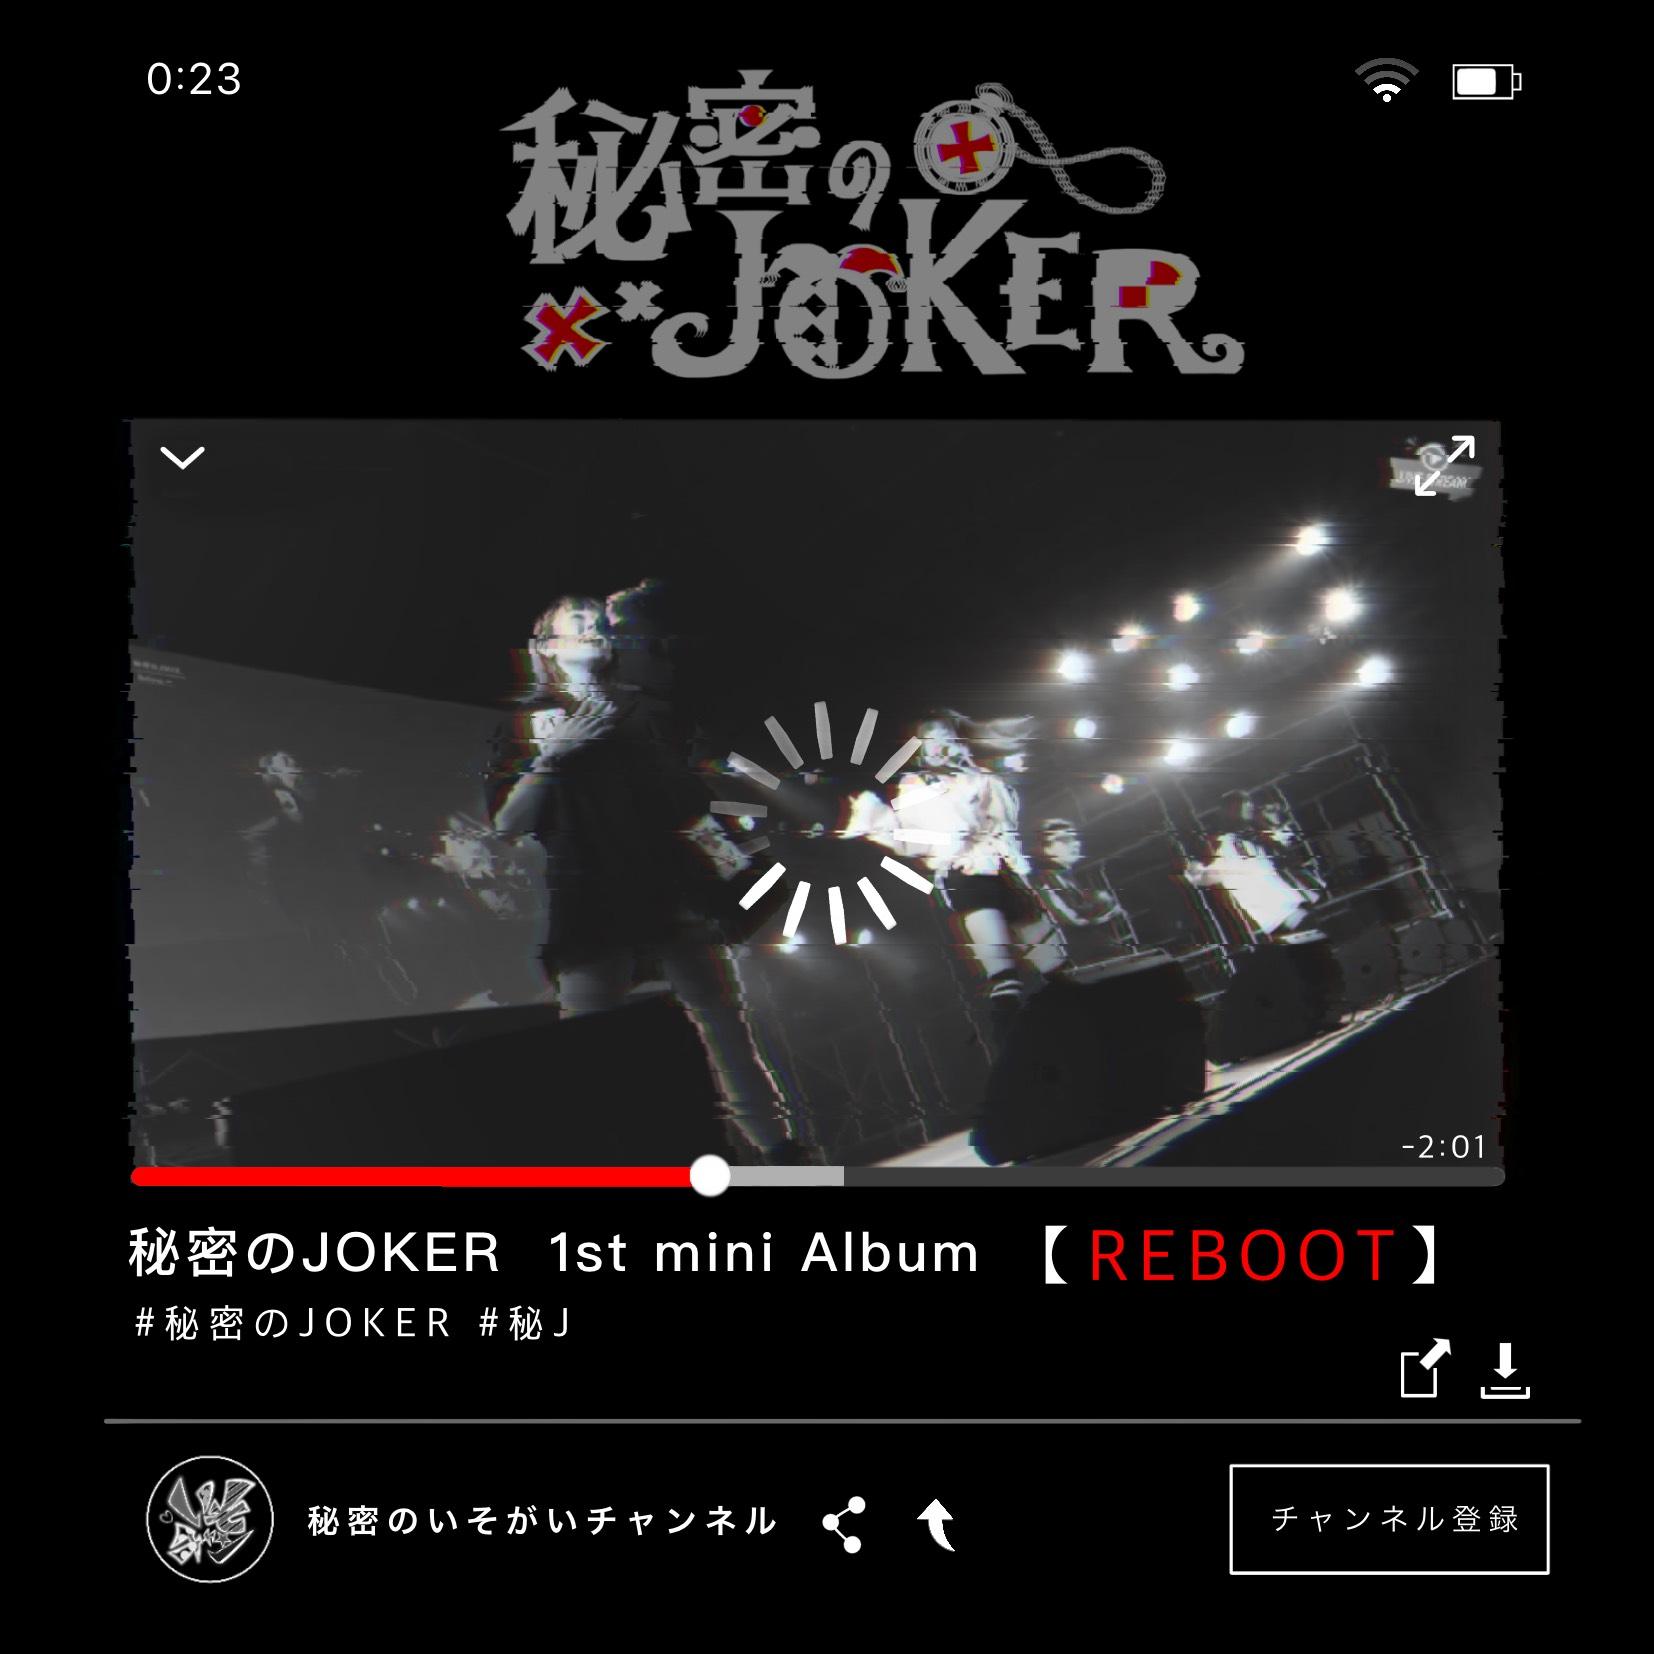 秘密のJOKER 1st mini album 【REBOOT】RELEASE決定!